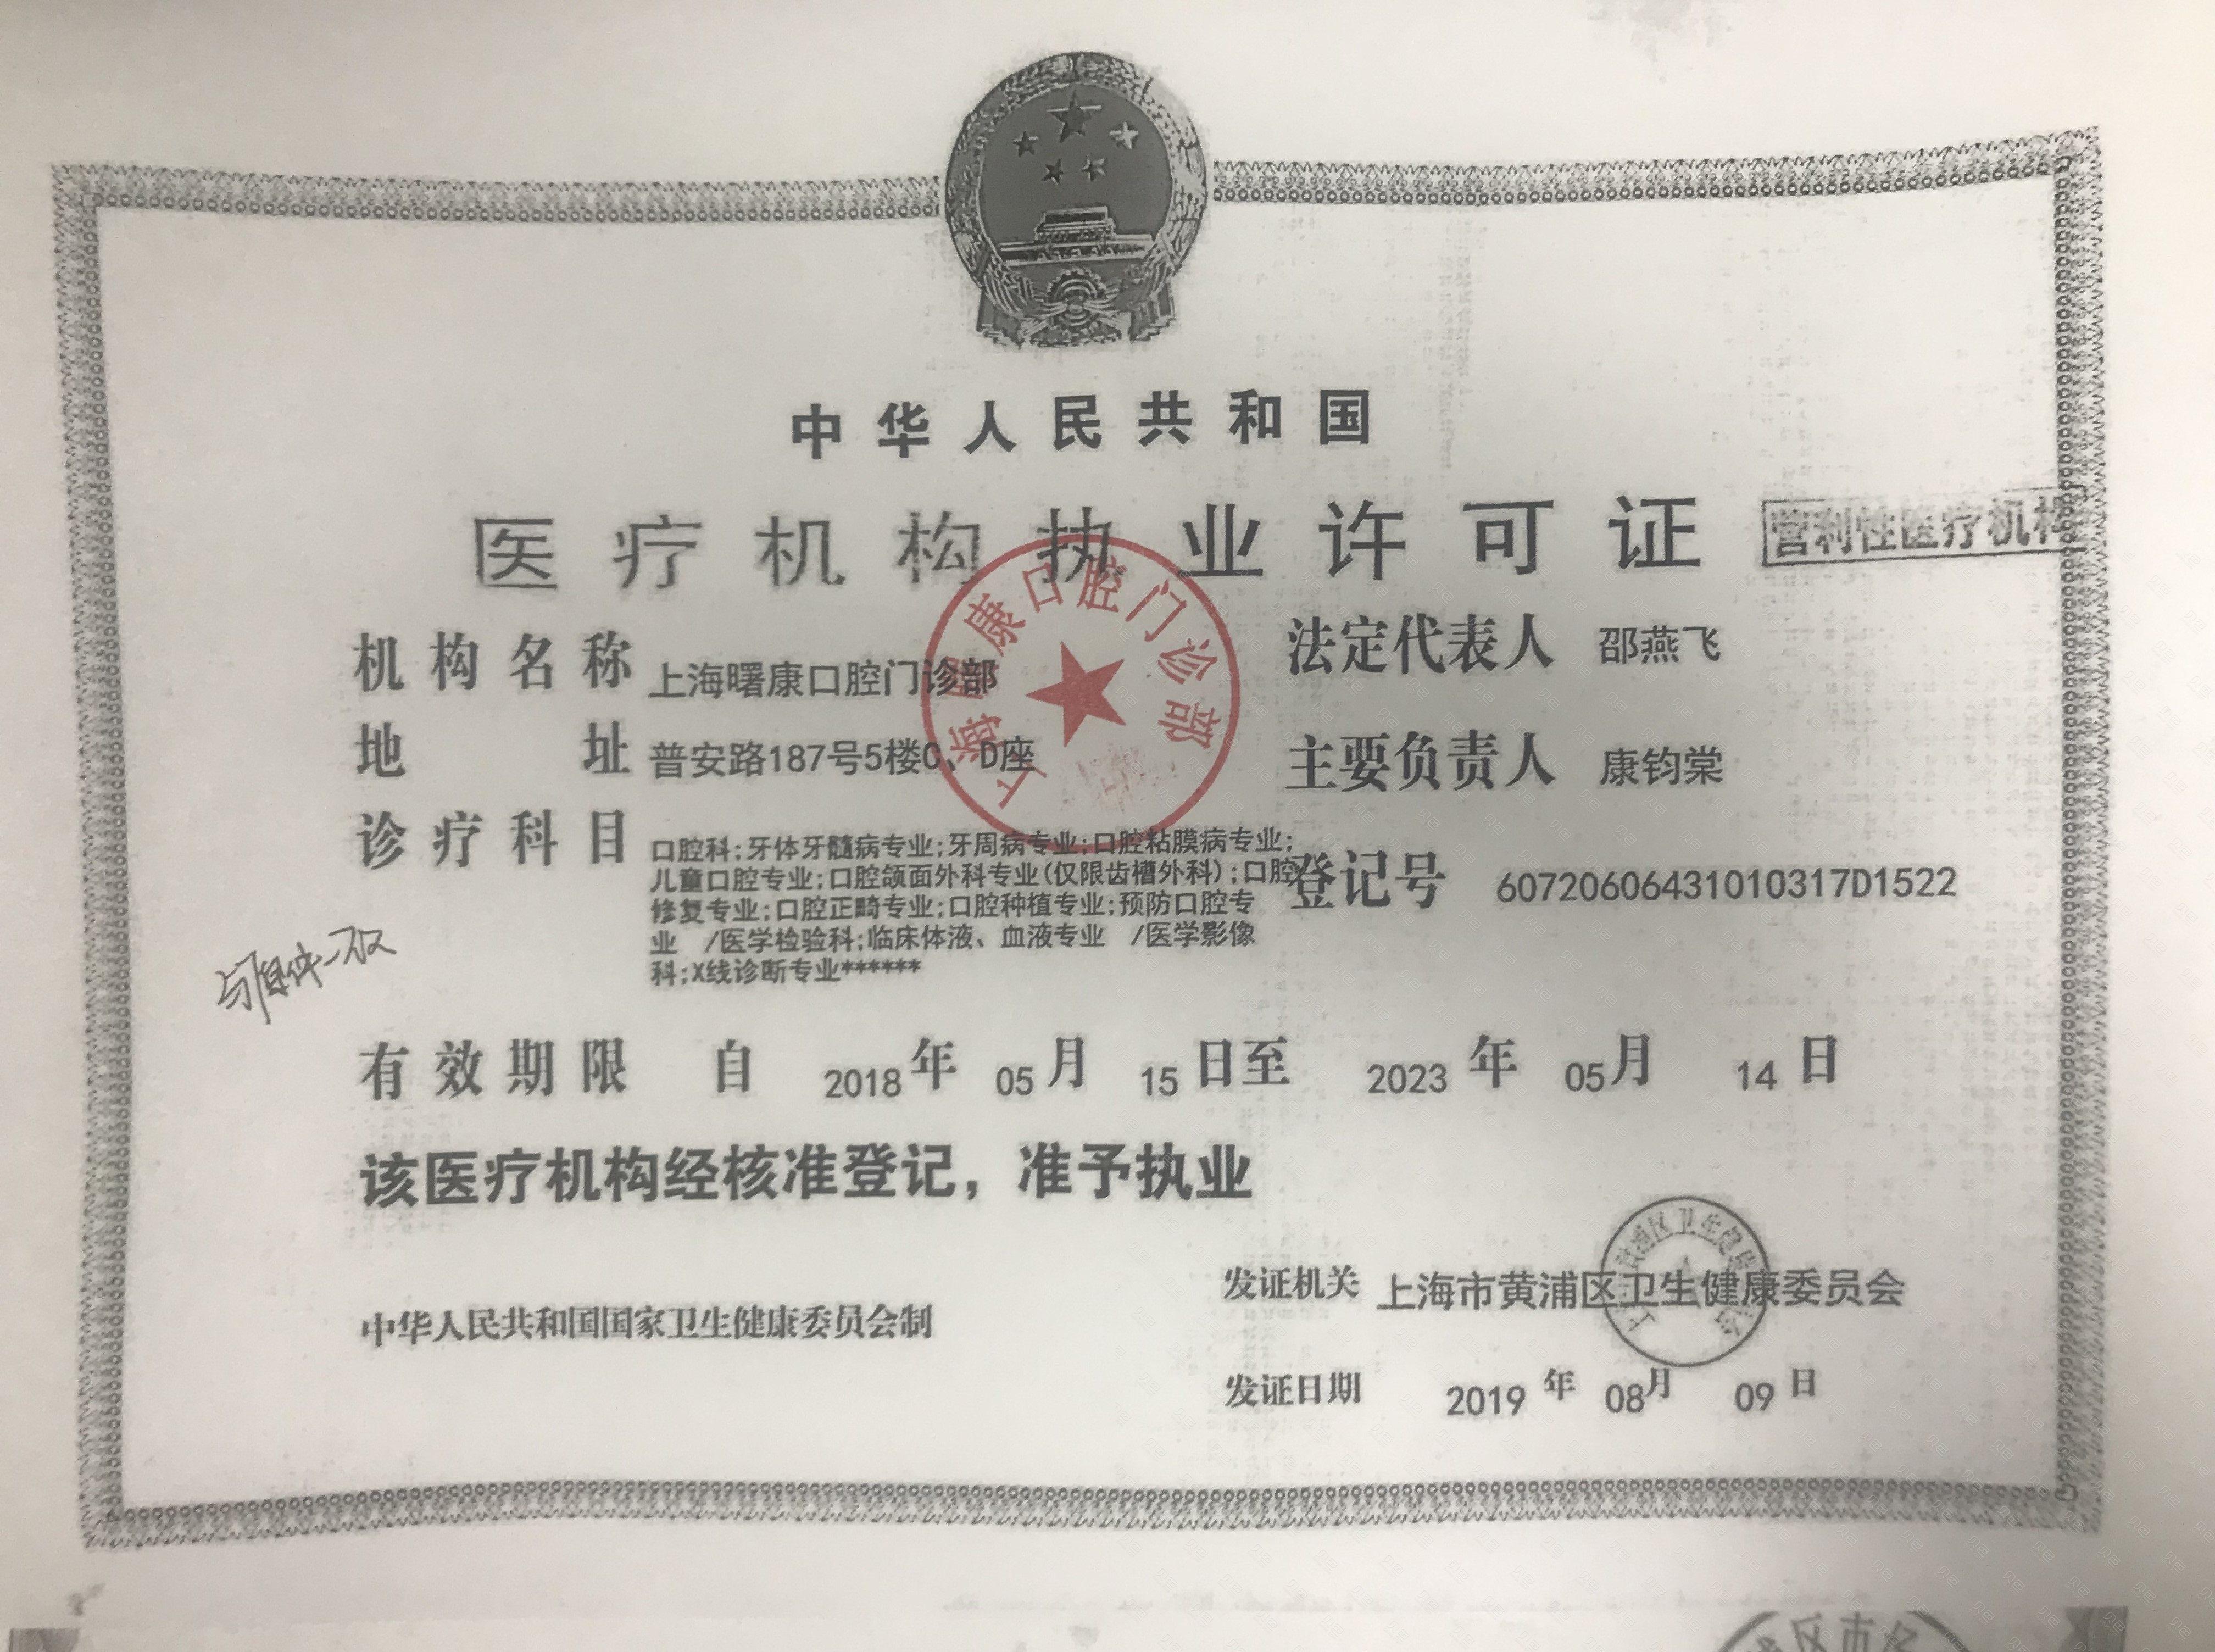 医疗机构执业许可证